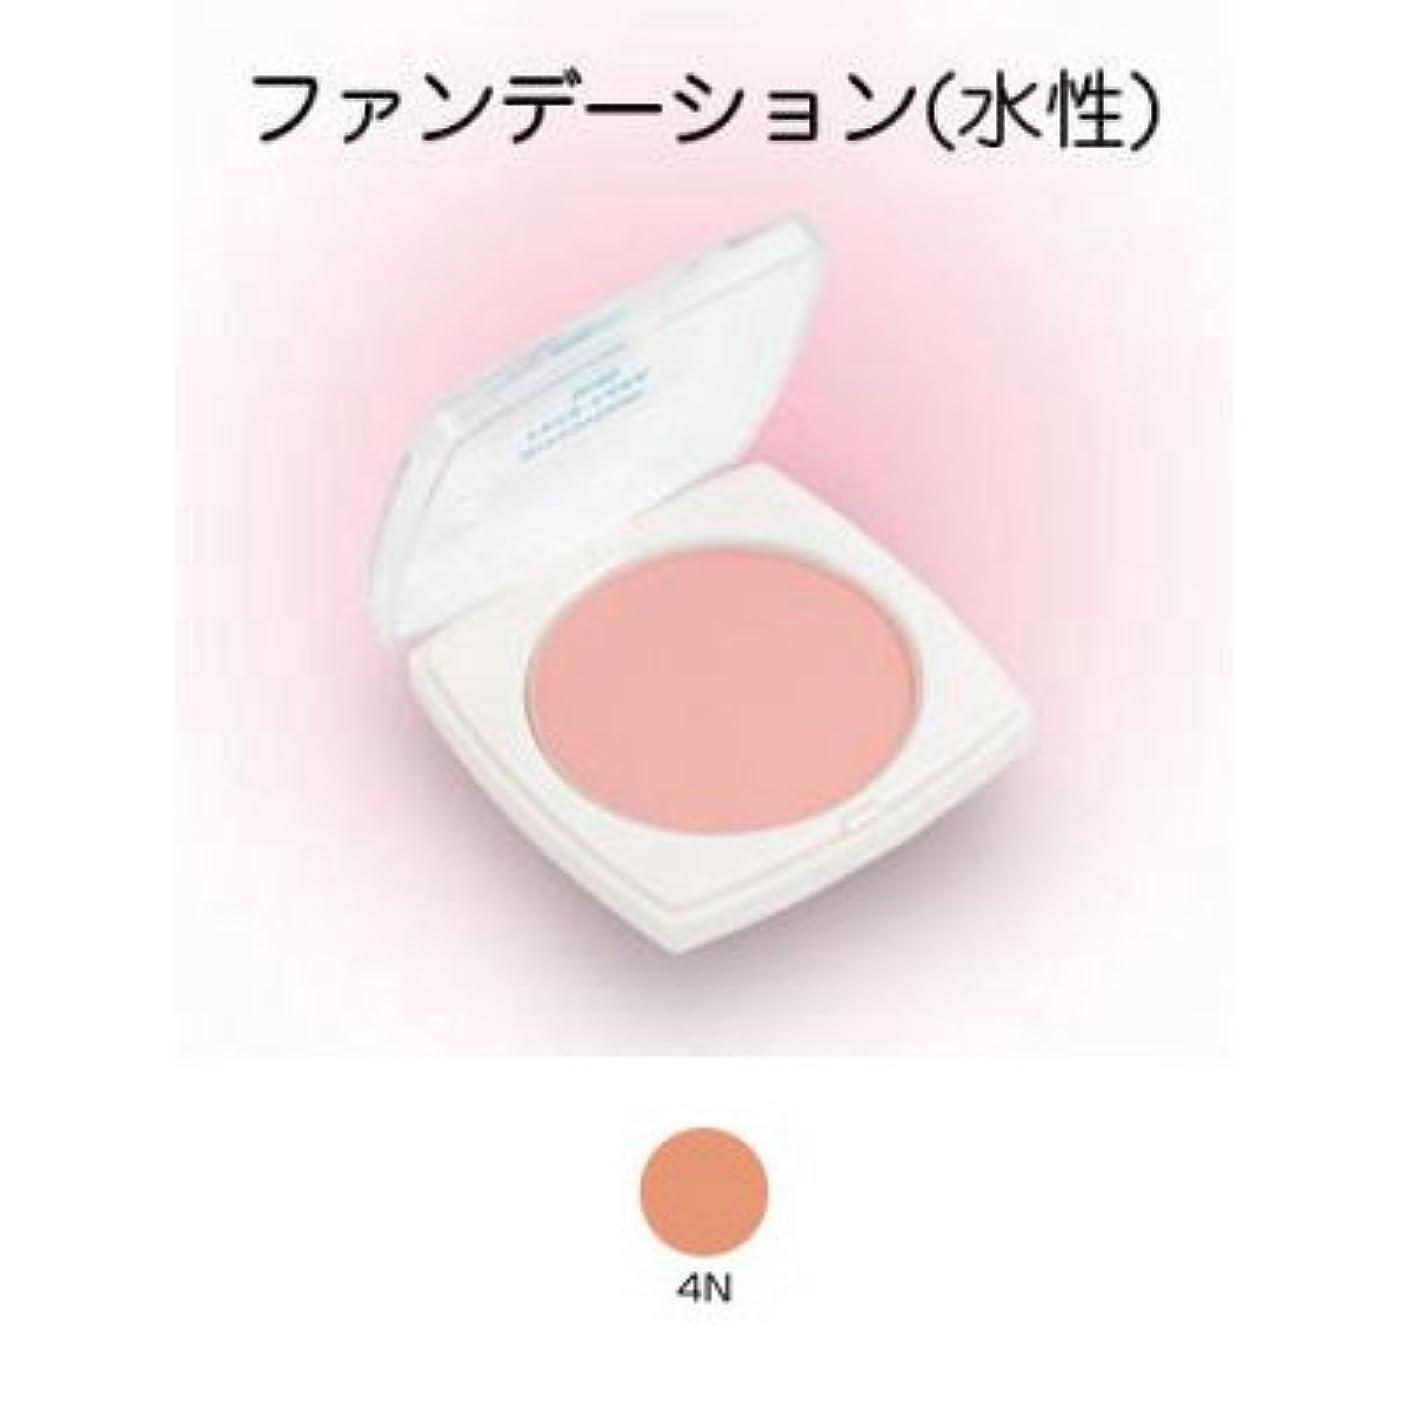 正午虹重々しいフェースケーキ ミニ 17g 4N 【三善】